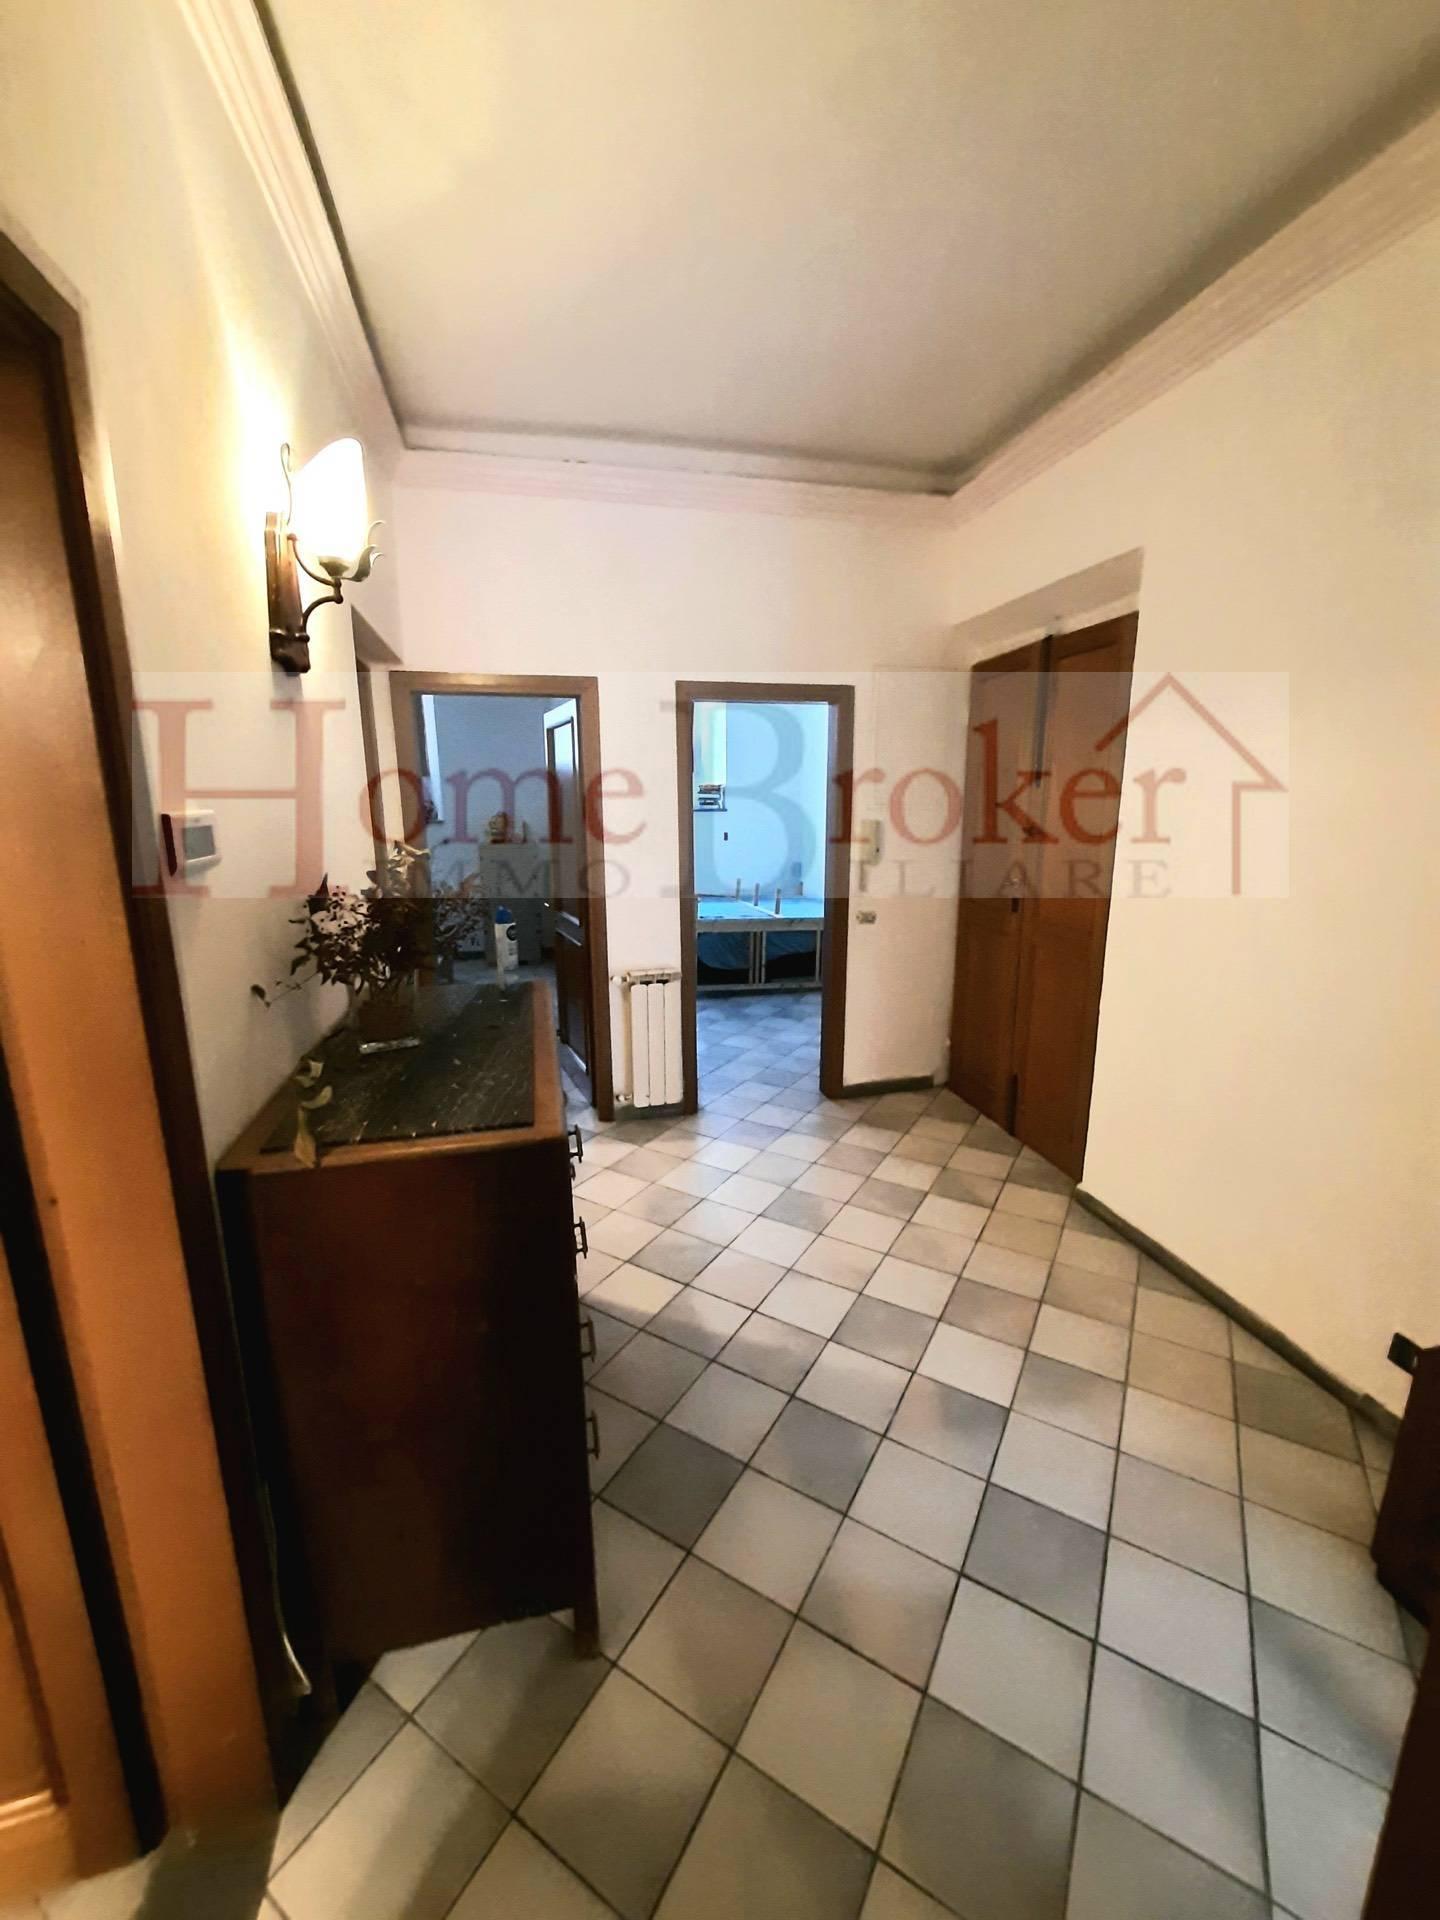 Appartamento in Vendita a Firenze Cod. 289